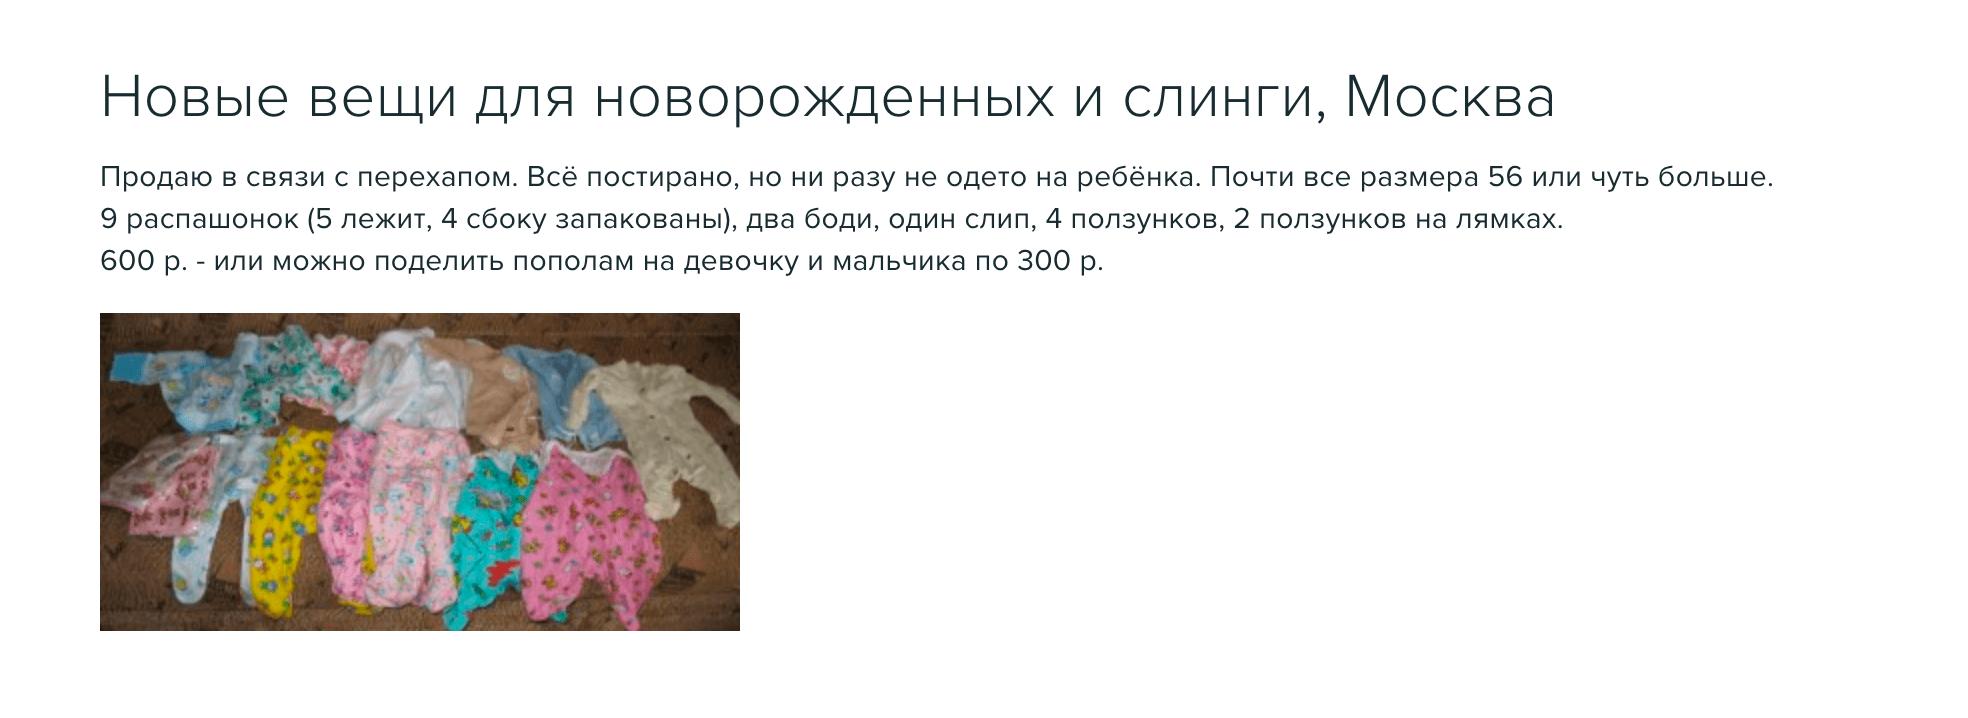 Абсолютно новые ползунки и боди удалось продать всего за 600<span class=ruble>Р</span>